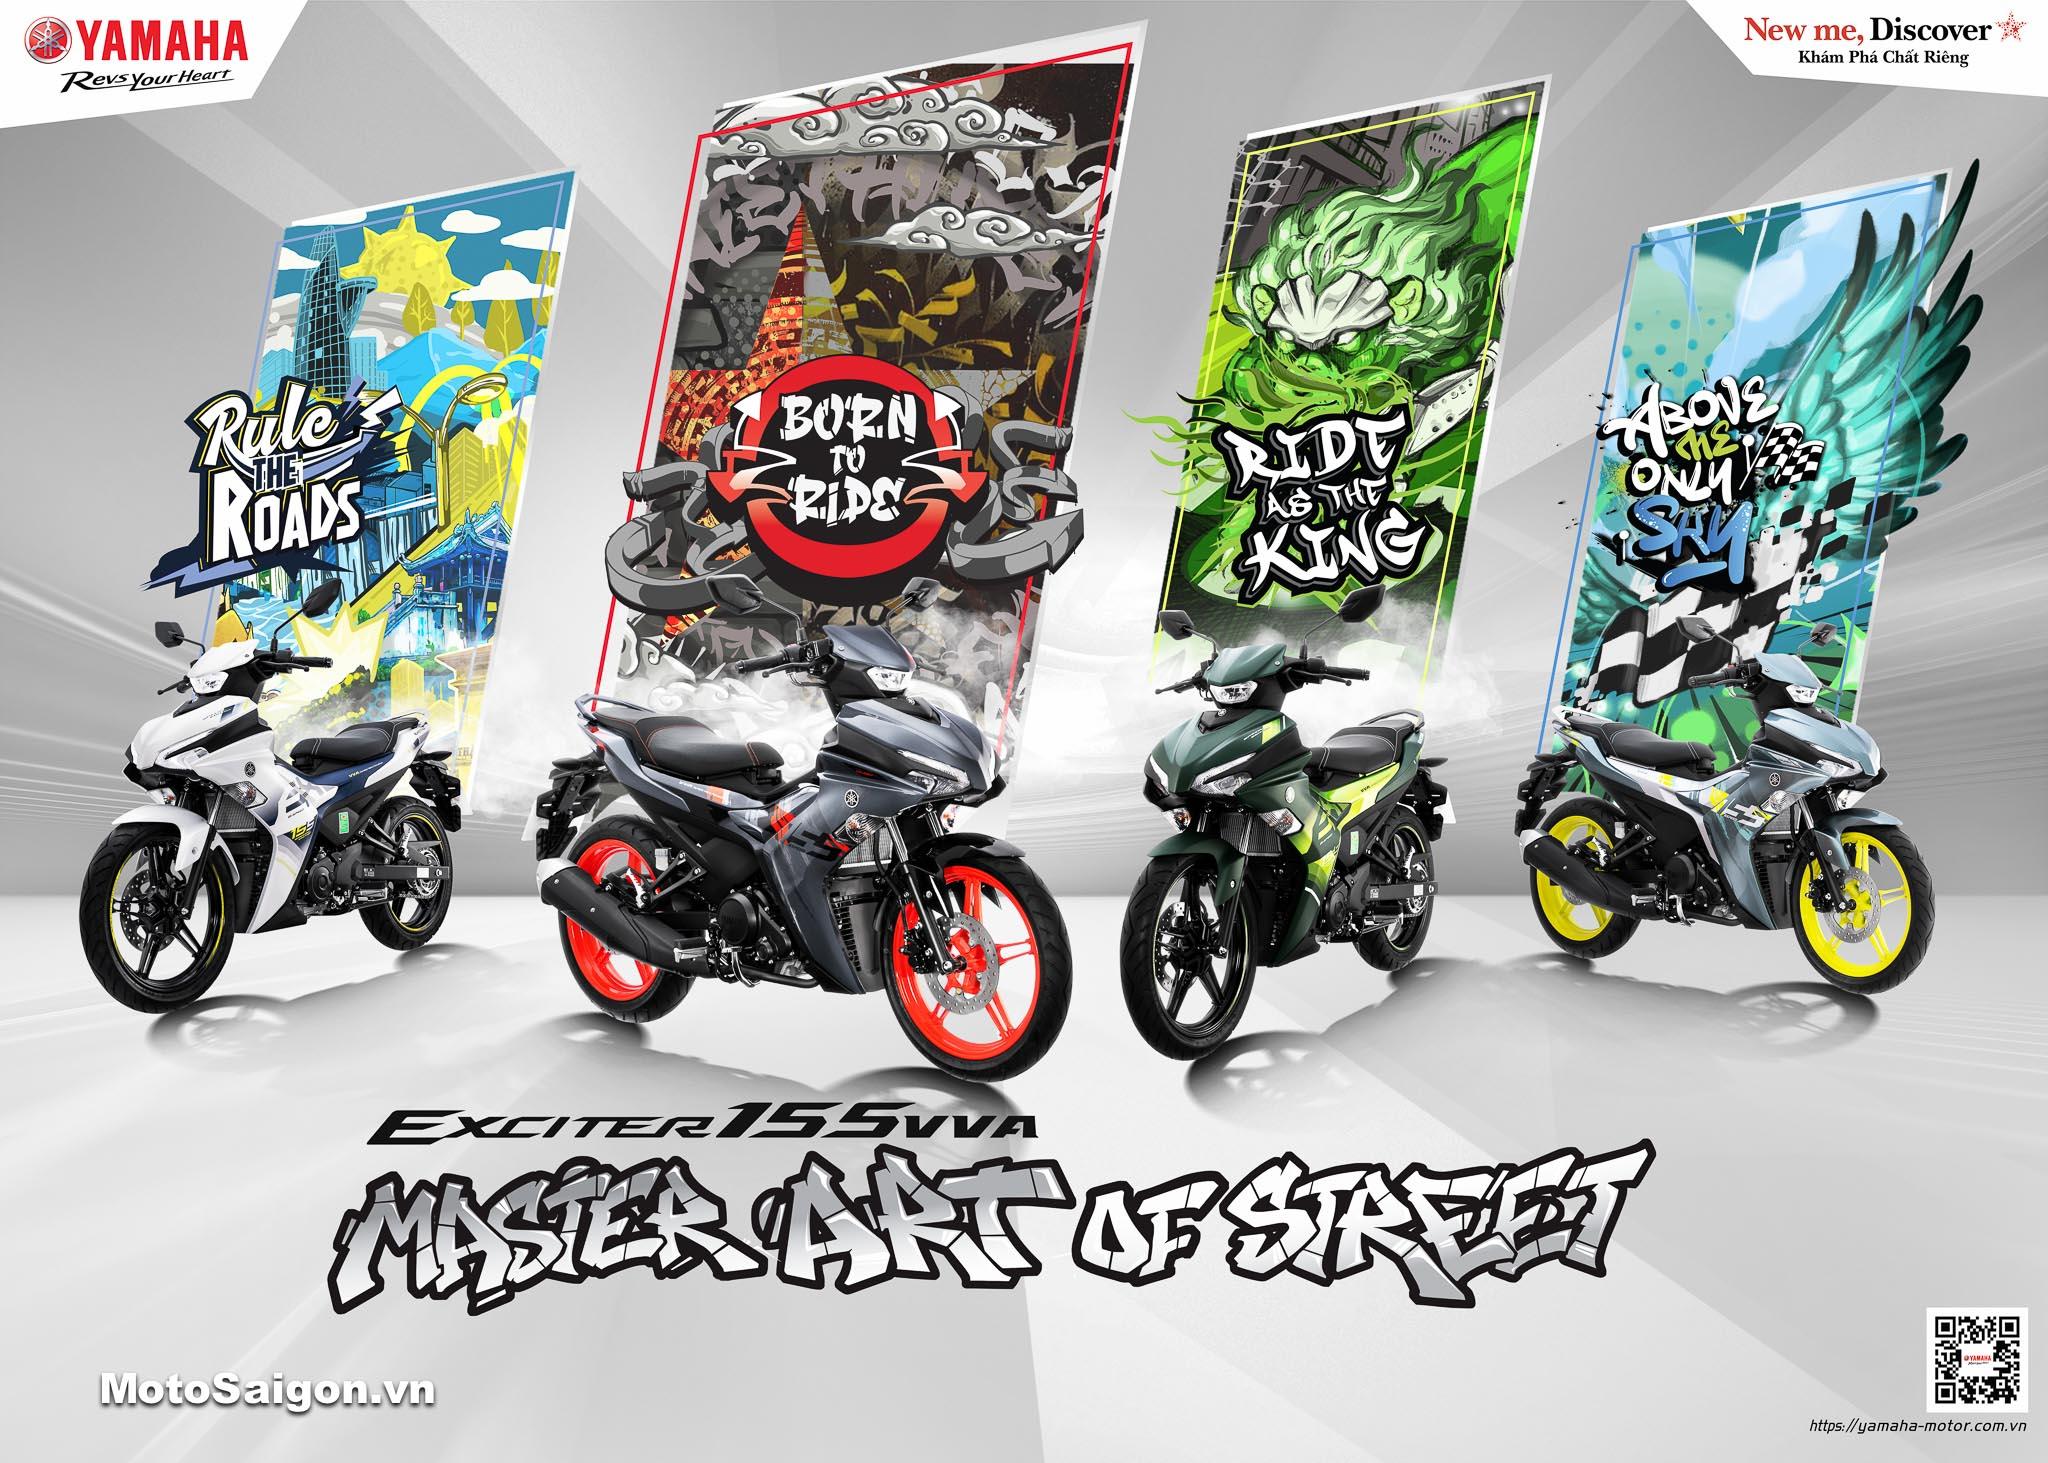 """Cuộc thi độ xe Exciter 155 VVA """"Master Art Of Street"""" - Sân chơi dành cho những biker đầy đam mê và cá tính"""